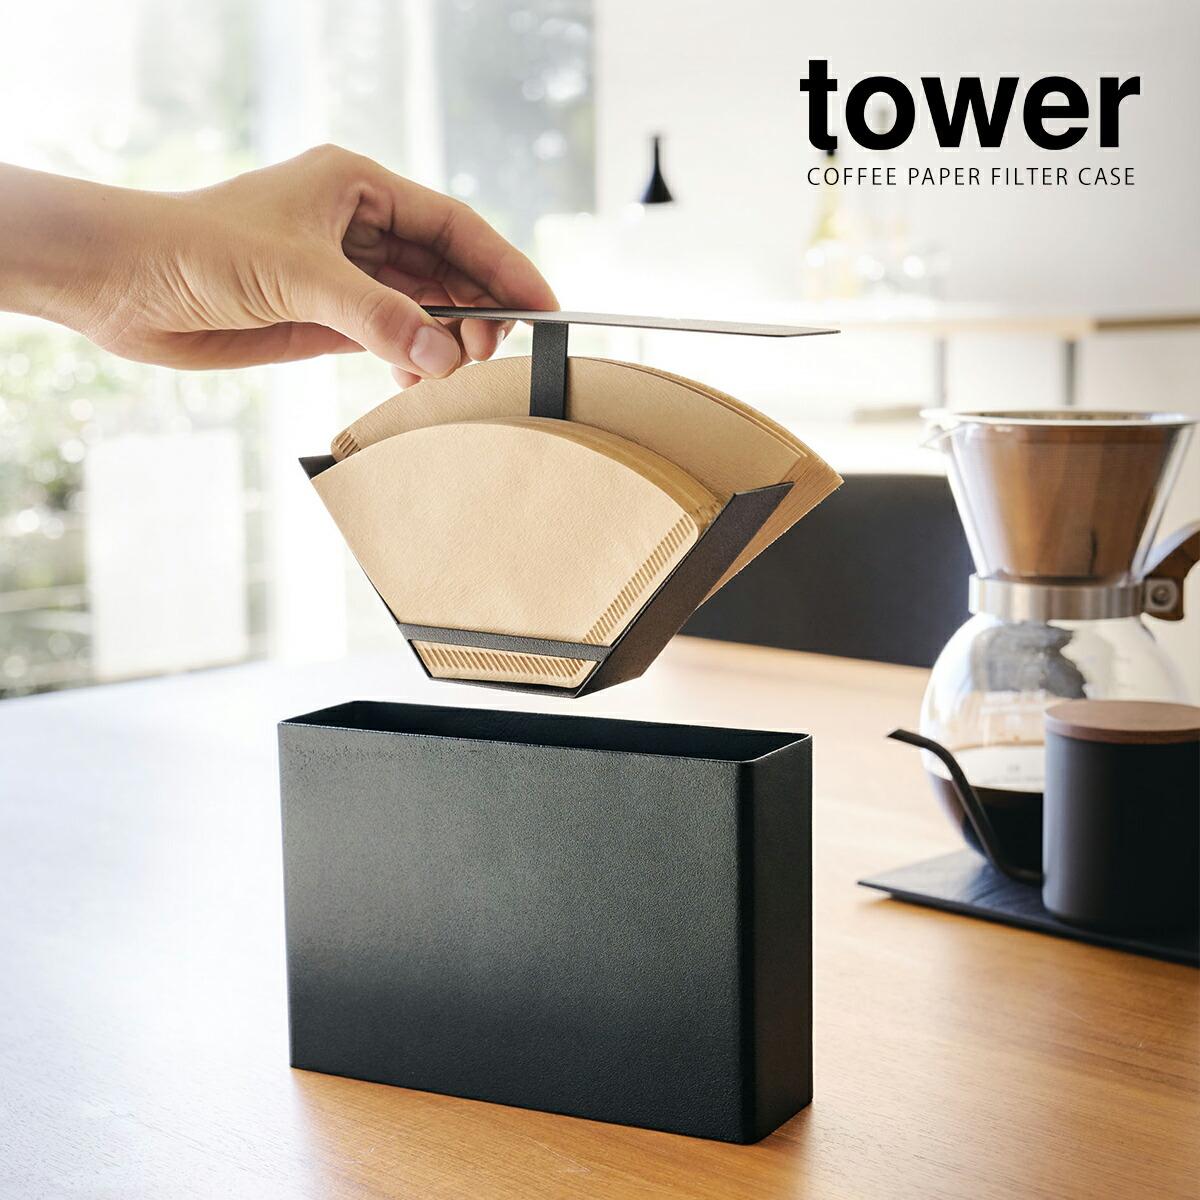 tower / タワー コーヒーペーパーフィルターケース コーヒー キッチン ホワイト 天然木 ウッド ナチュラル シンプル スチール コーヒーフィルター コンパクト スリム